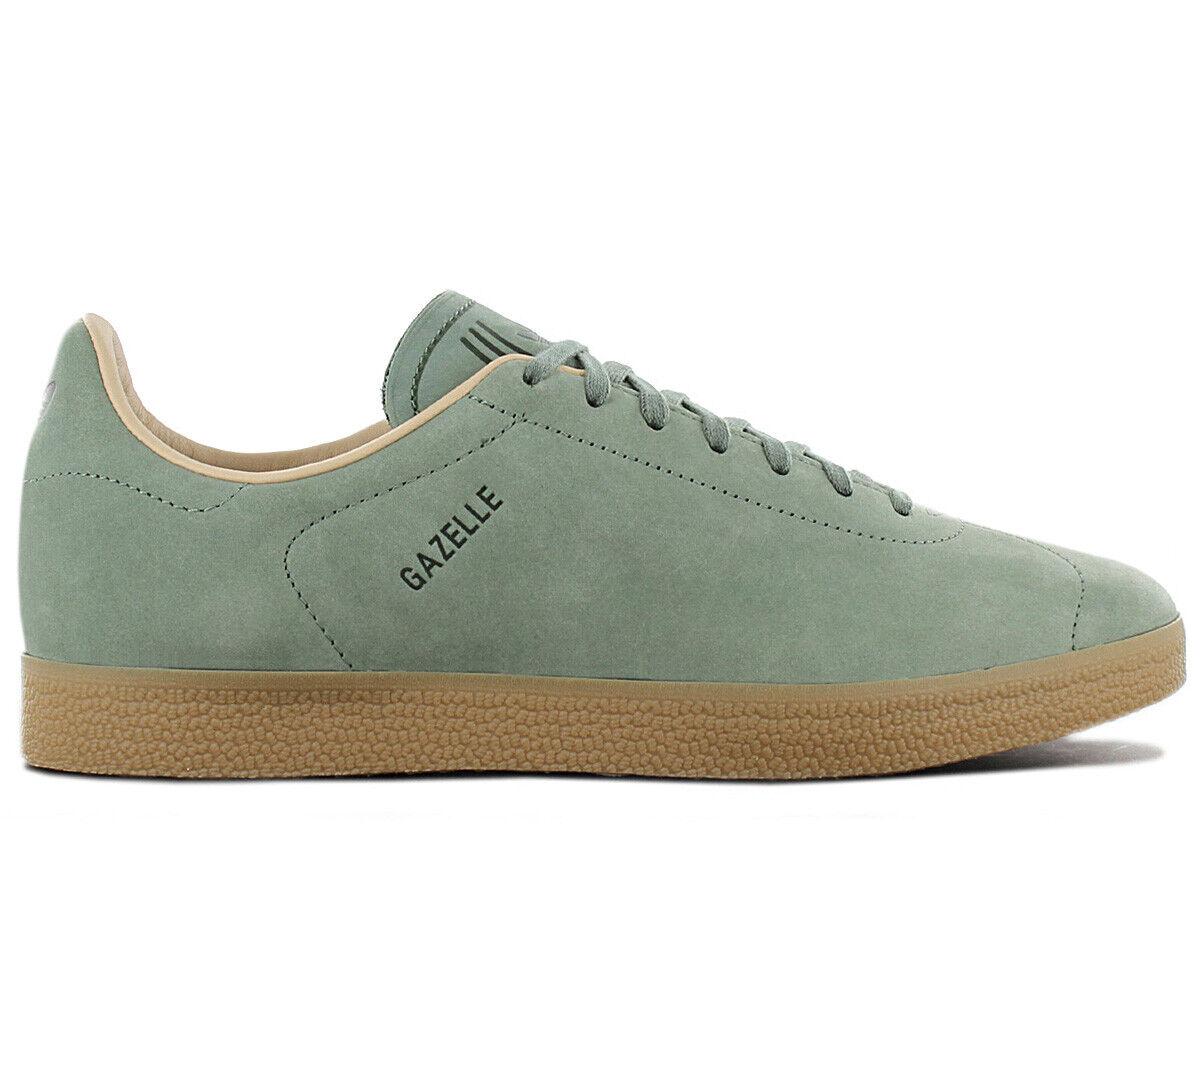 Adidas Originals Gazelle Leather Decon Turnschuhe CG3705 Schuhe Turnschuhe Grün NEU